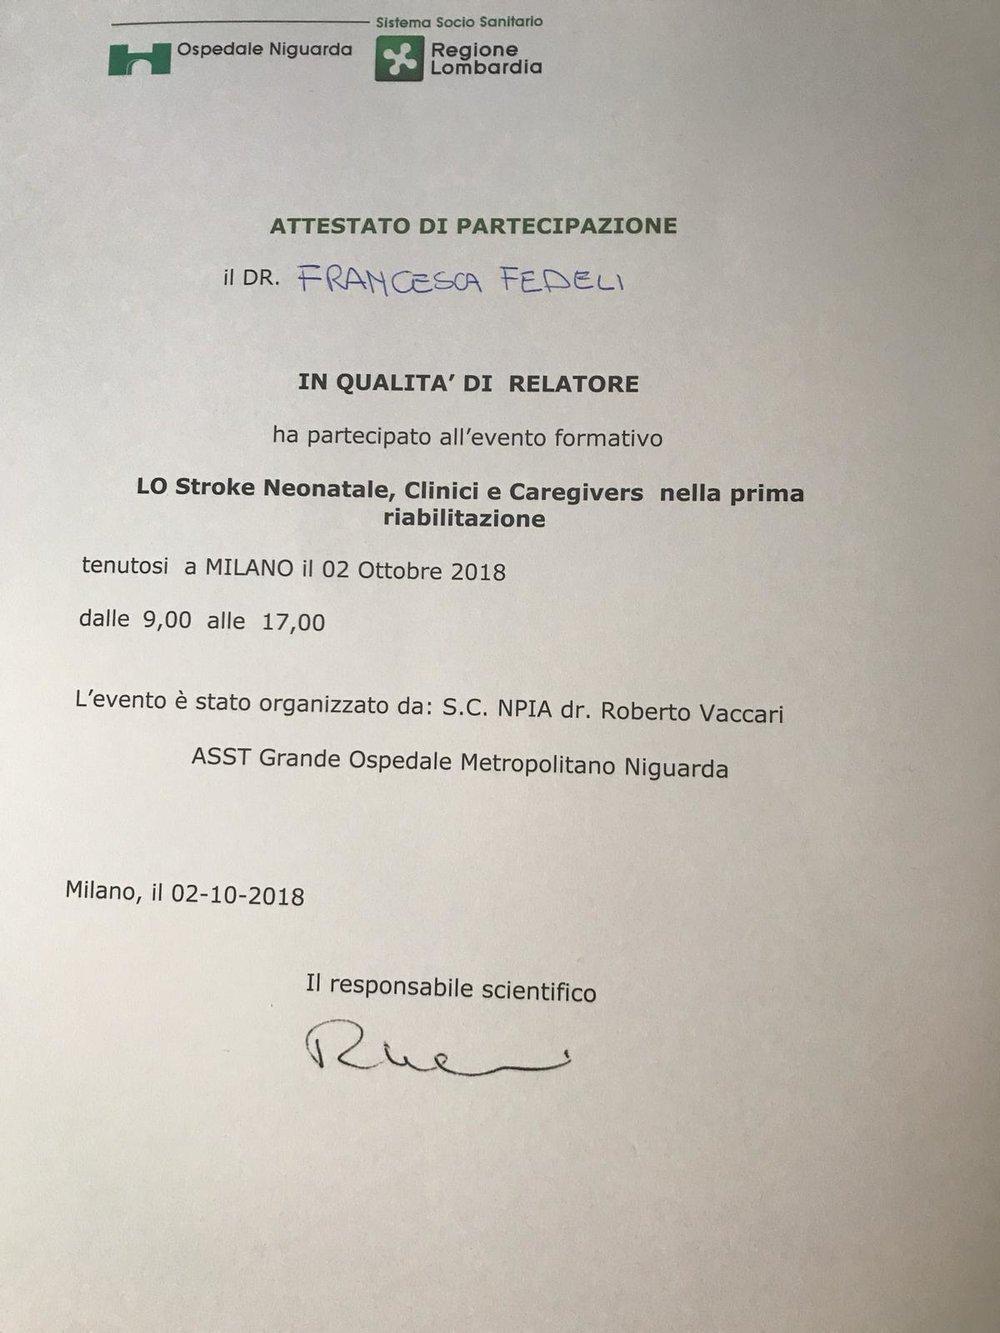 2 Ottobre 2018, convegno sullo stroke neonatale all'Ospedale Niguarda di Milano